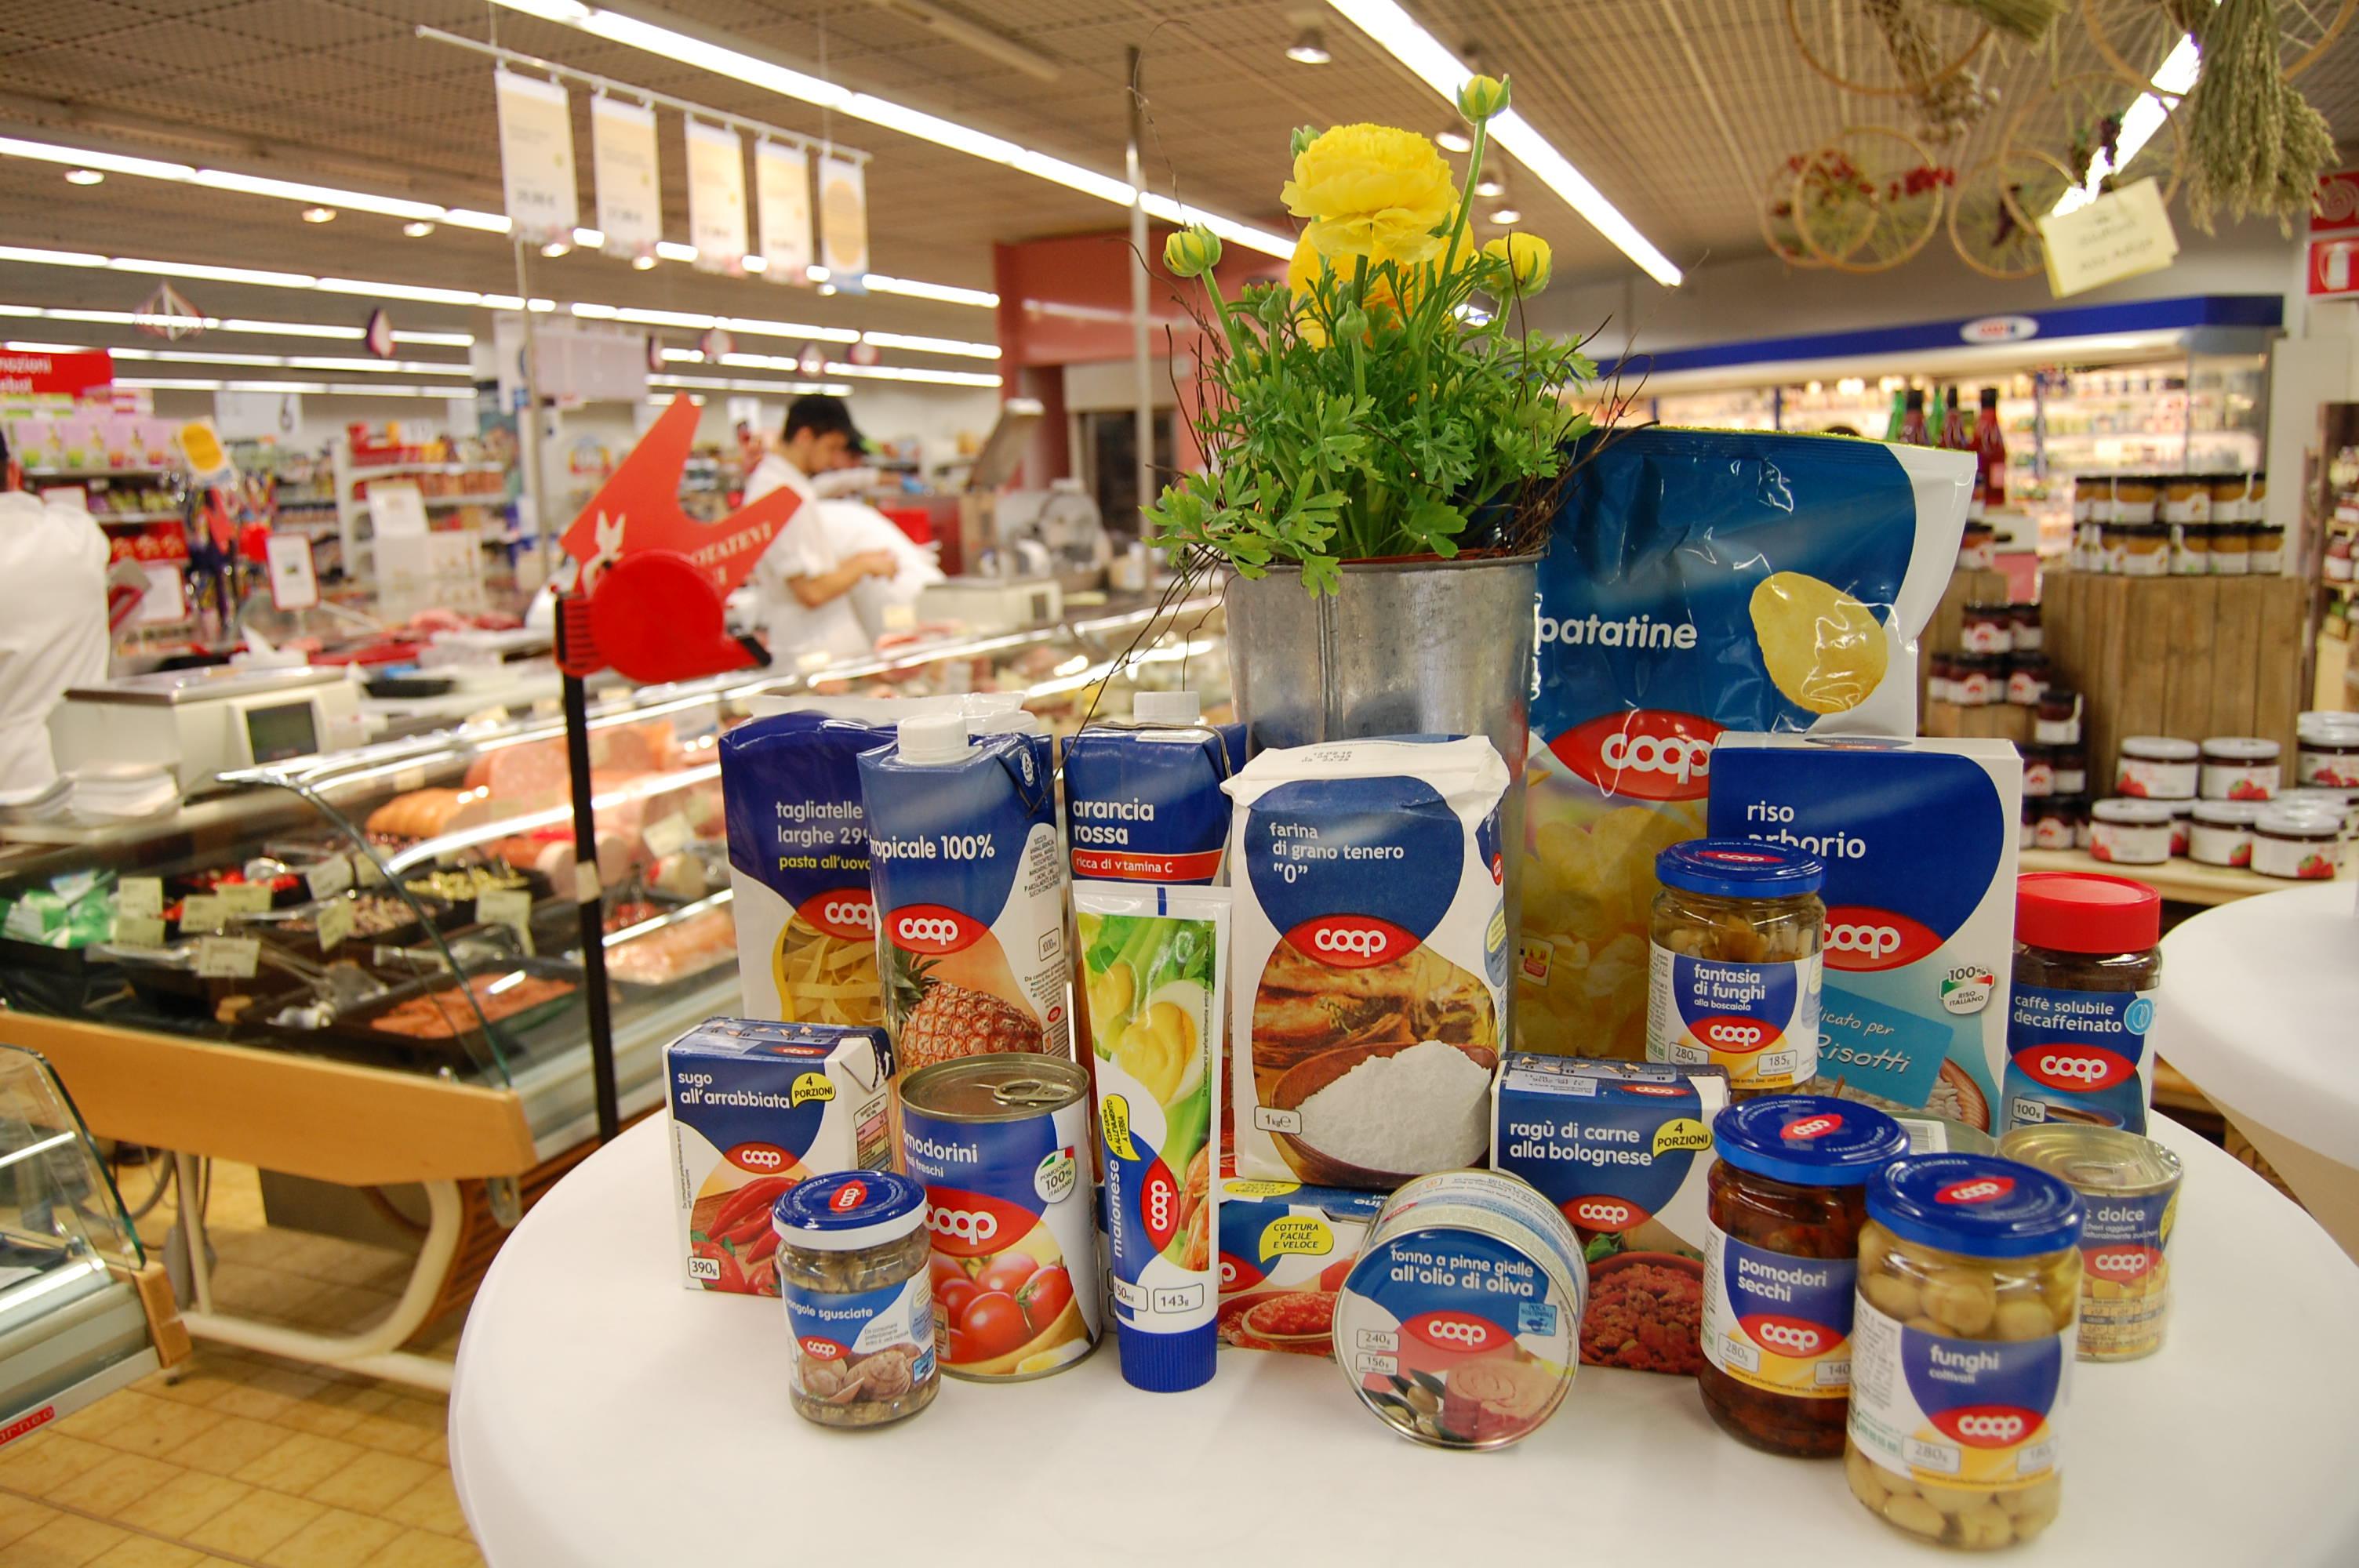 Coop Produkte der Konsumgenossenschaft Koncoop in Bozen